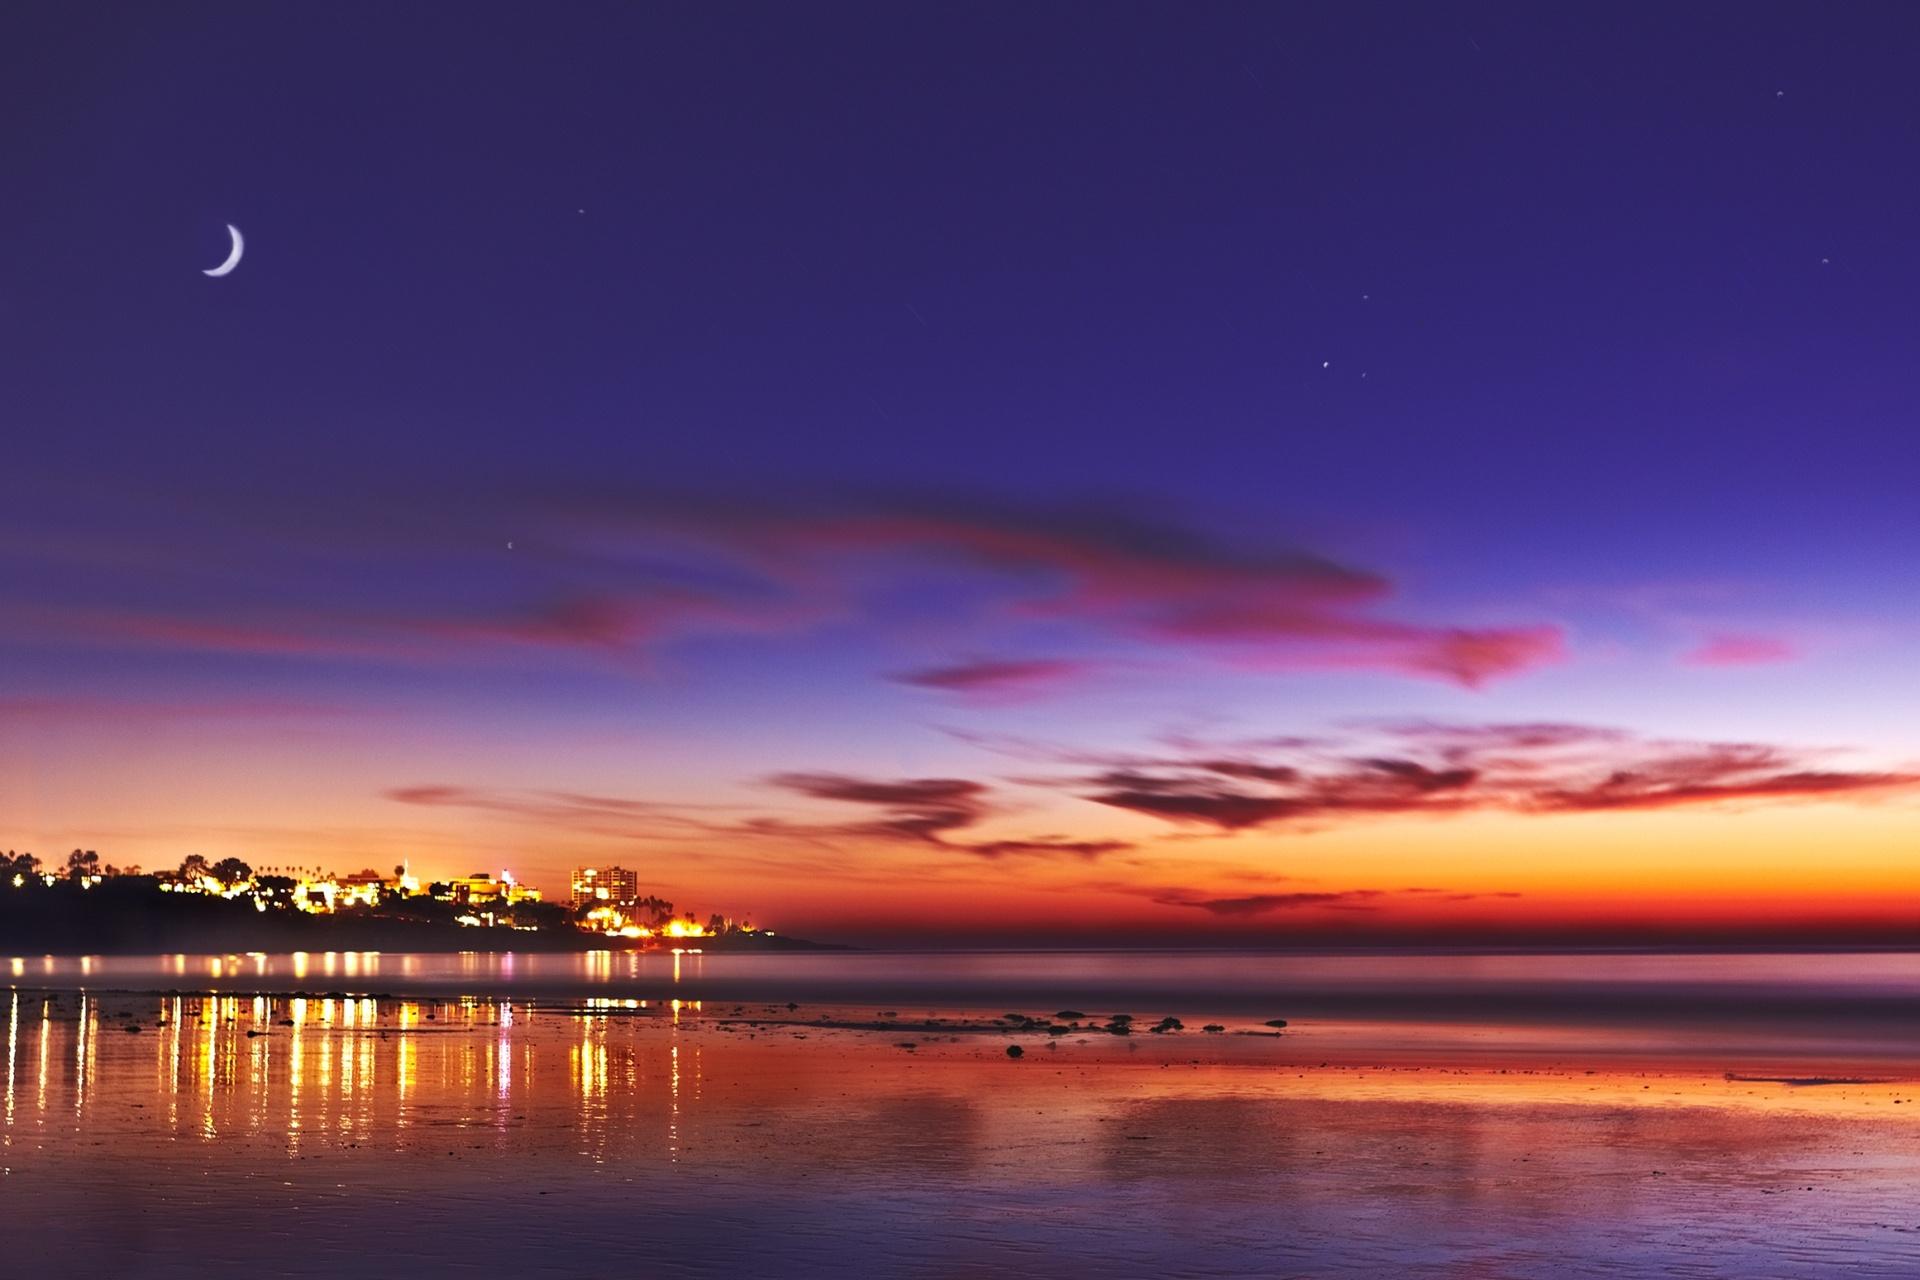 夕暮れの海岸と月 アメリカの風景